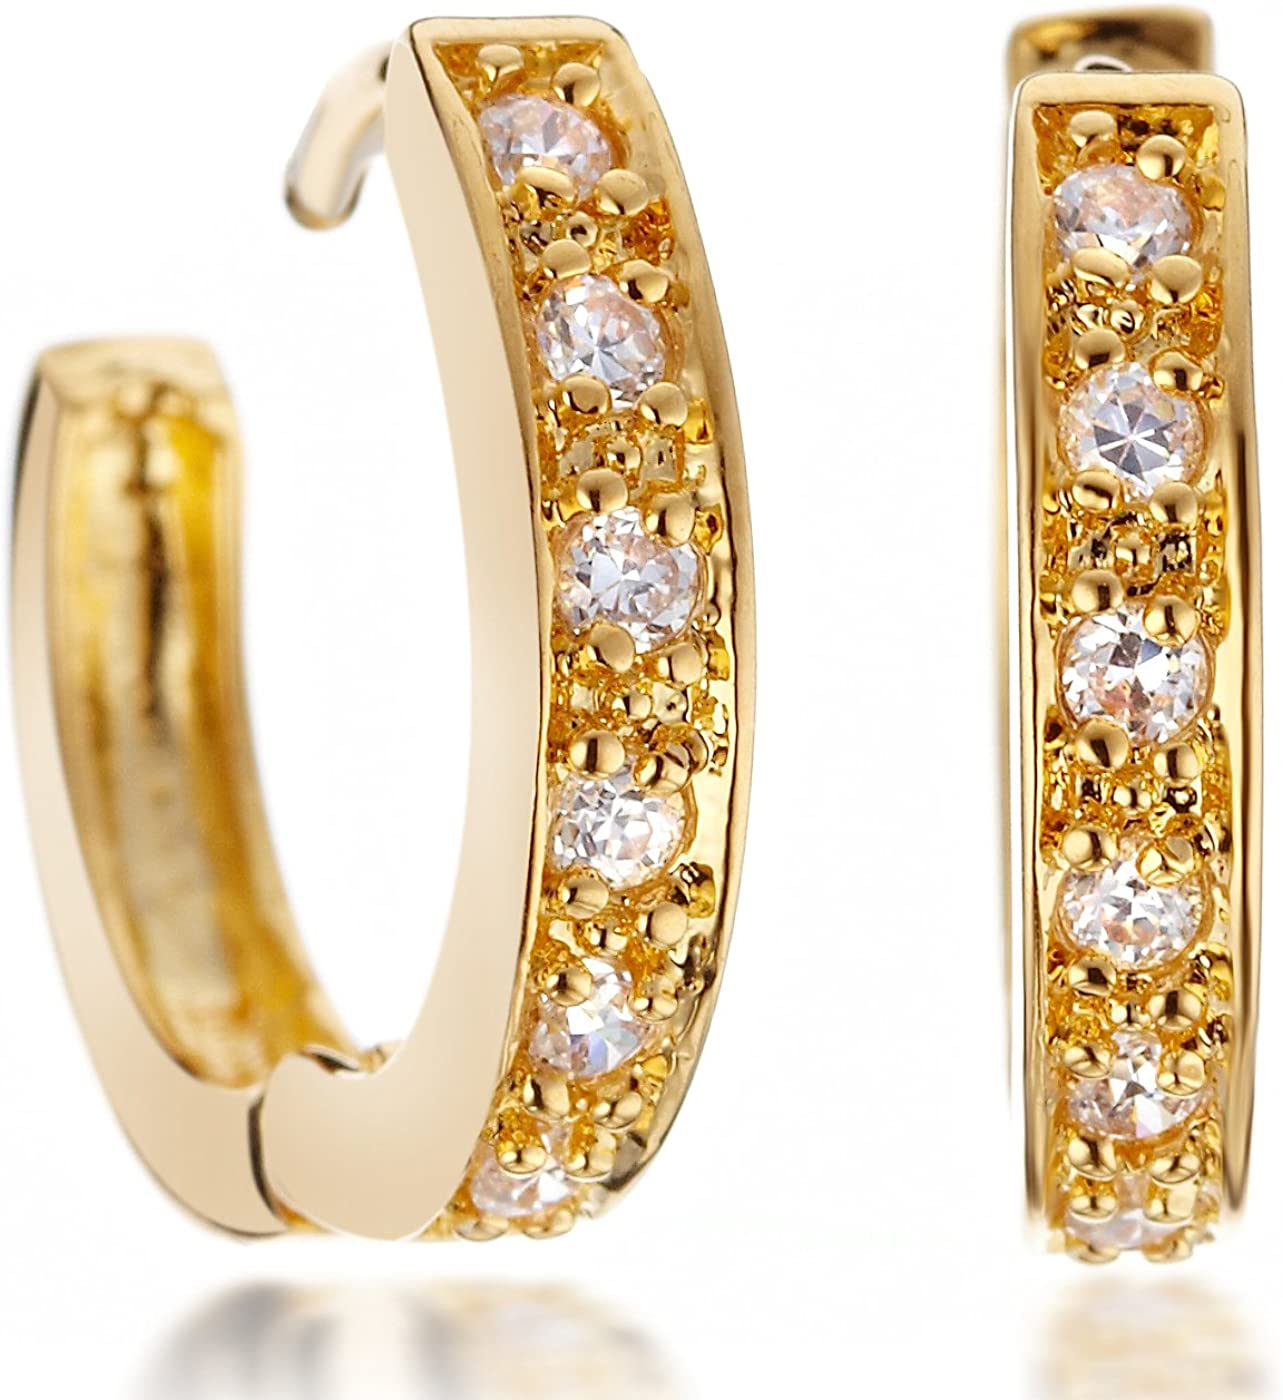 GEMINI JEWELRY - Pendientes de aro de oro amarillo de 18 quilates con circonitas cúbicas para mujer Gm068, color oro amarillo, regalo para el día de San Valentín, regalo de Navidad, regalo para mujer